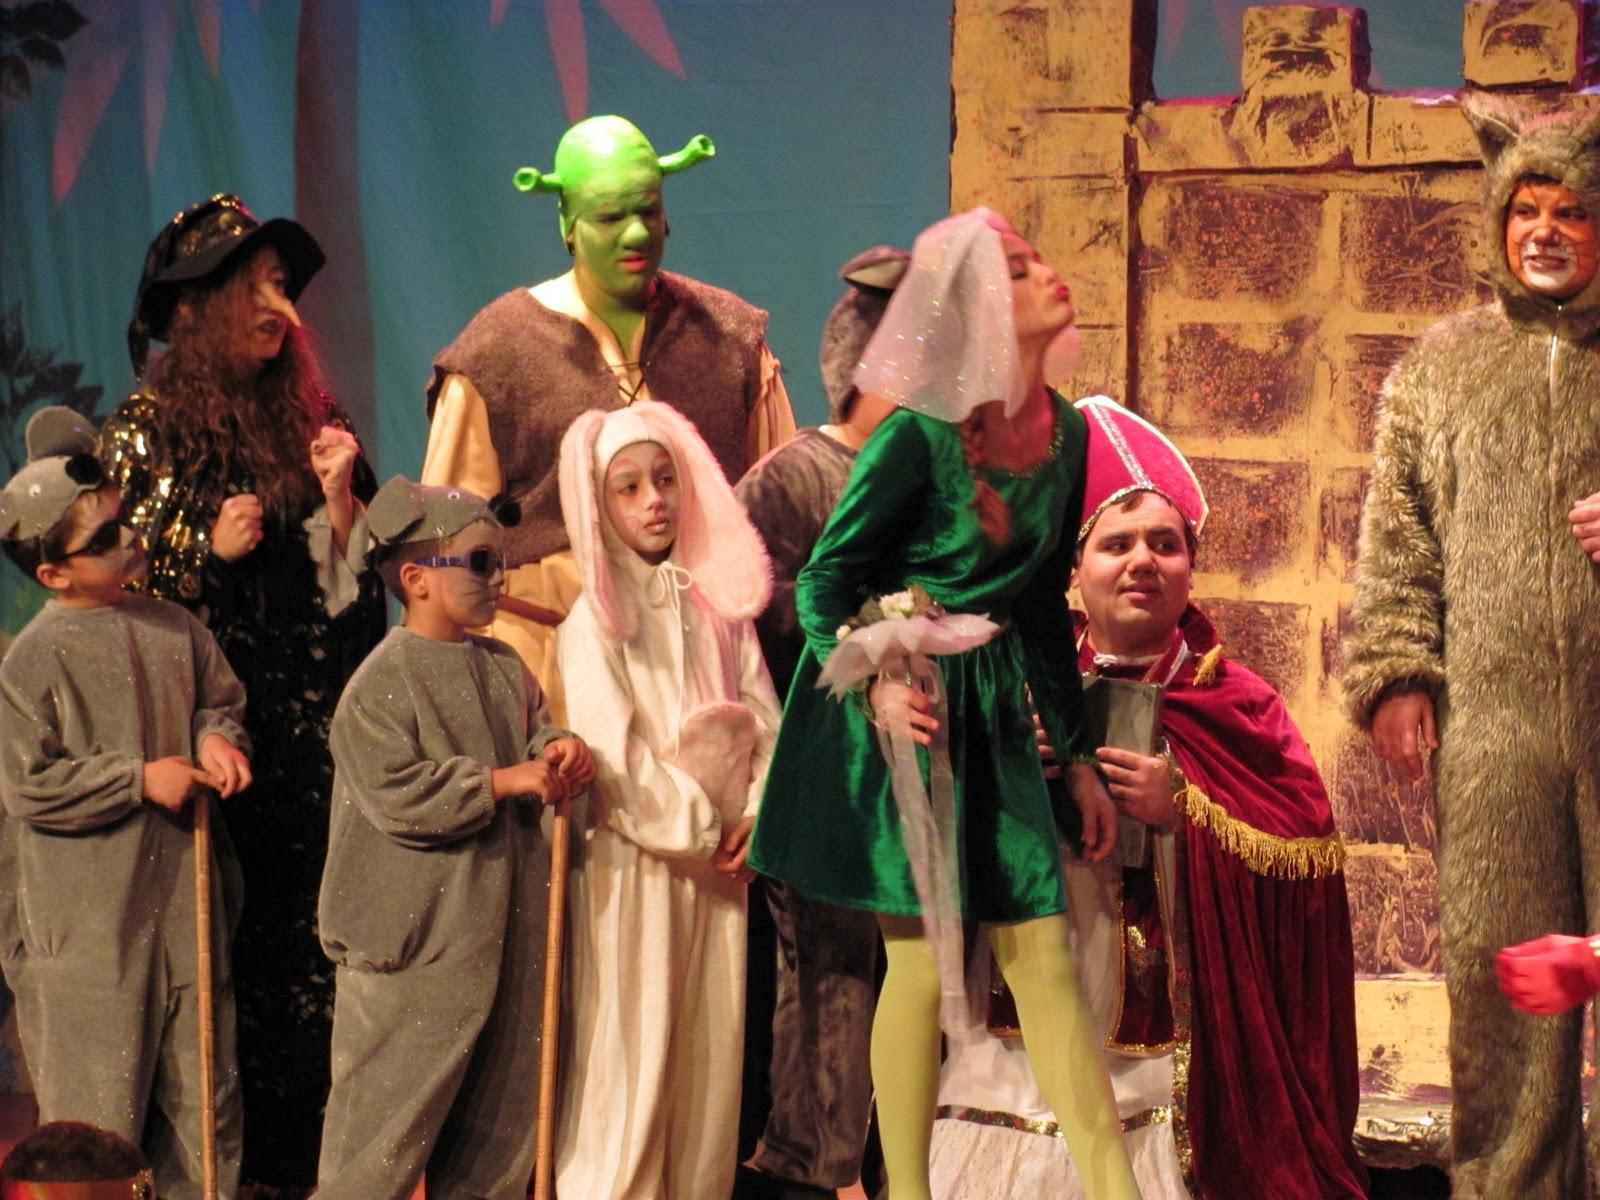 Shrek Müzikali Türk İzleyiciler İle Buluşuyor 30